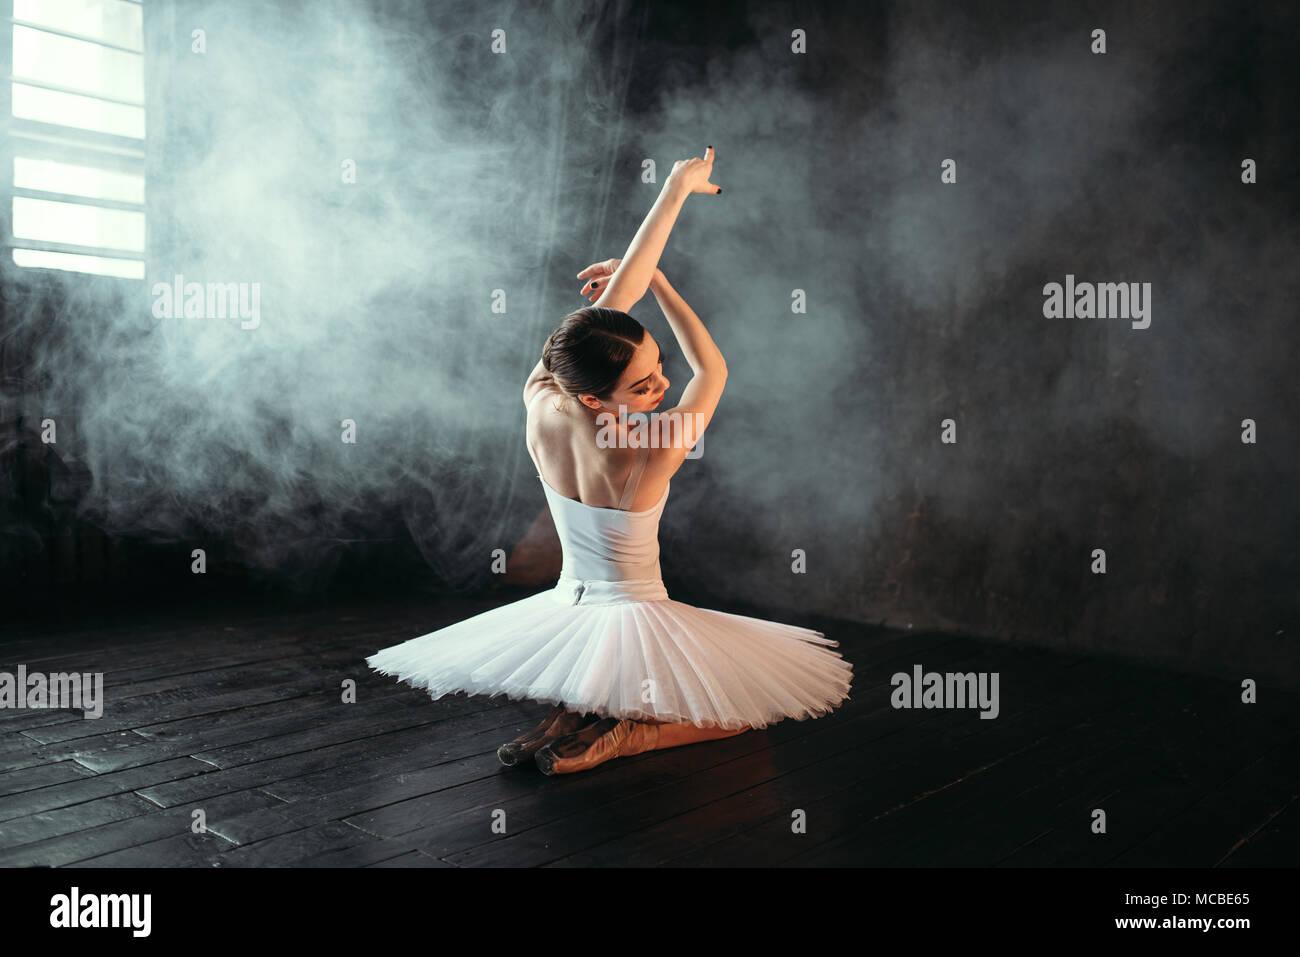 Weibliche klassisches Ballett performer sitzen auf dem Boden Stockbild